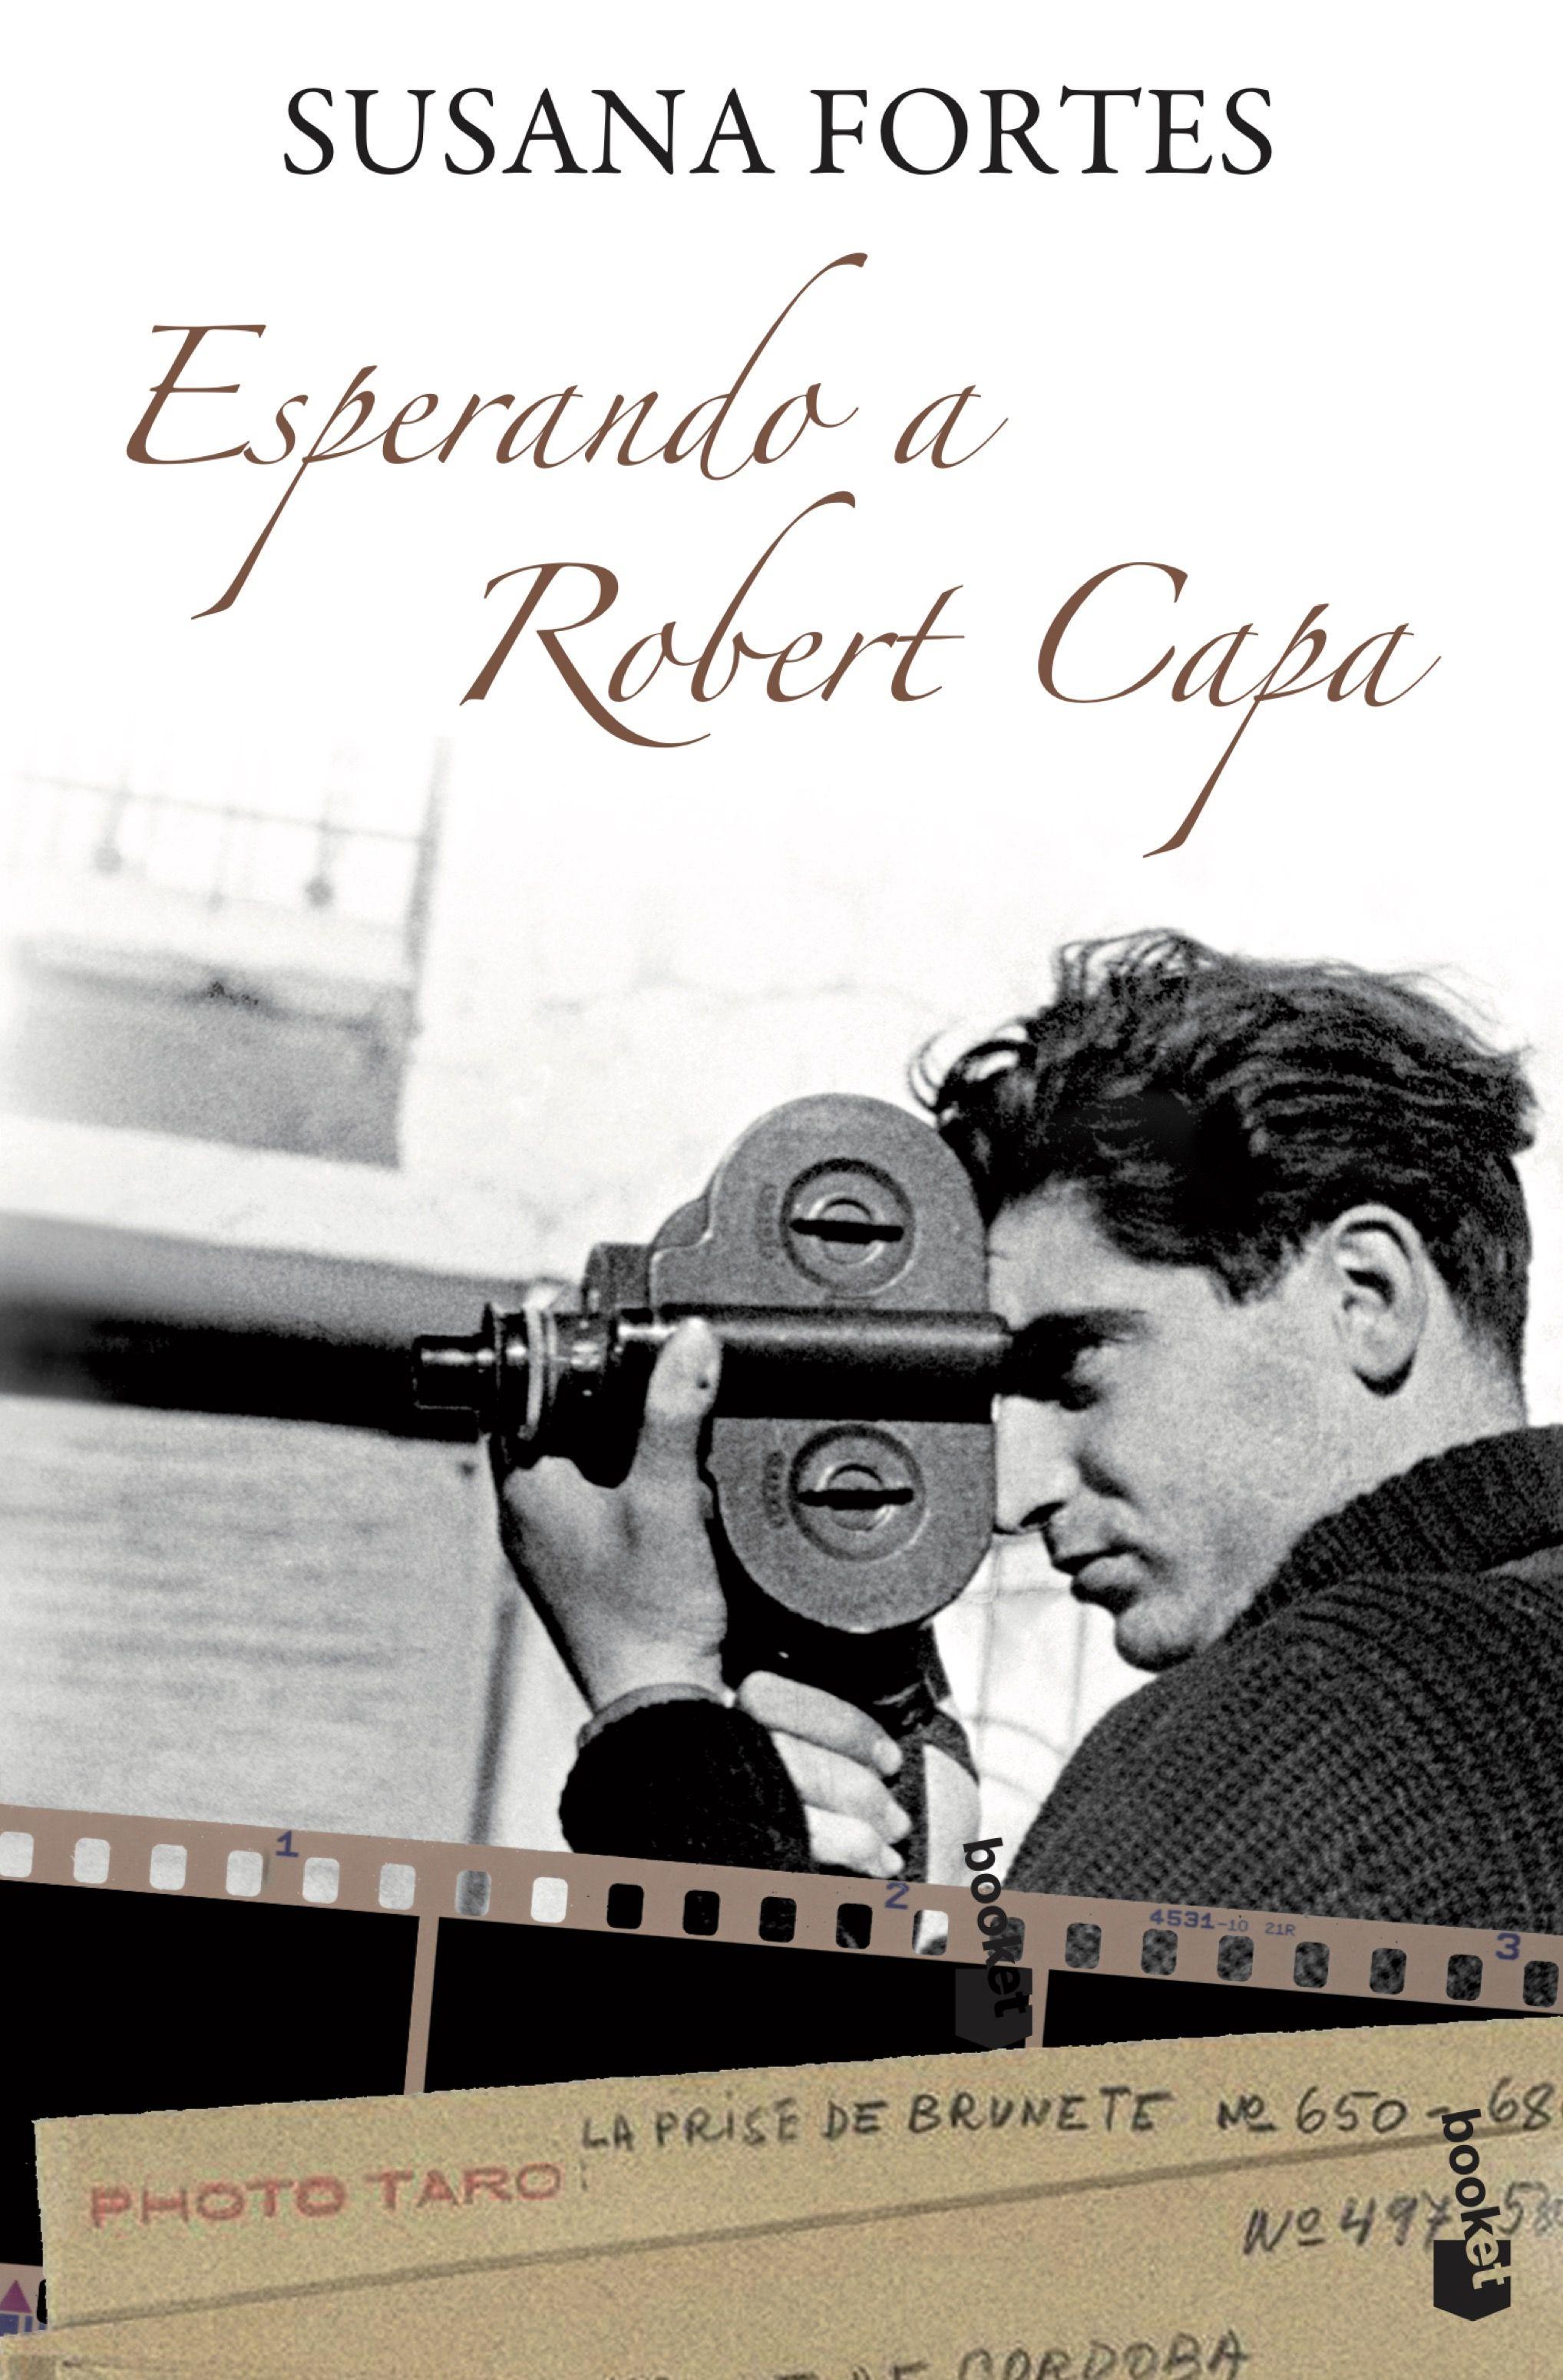 Esperando A Robert Capa - Fortes Lopez Susana